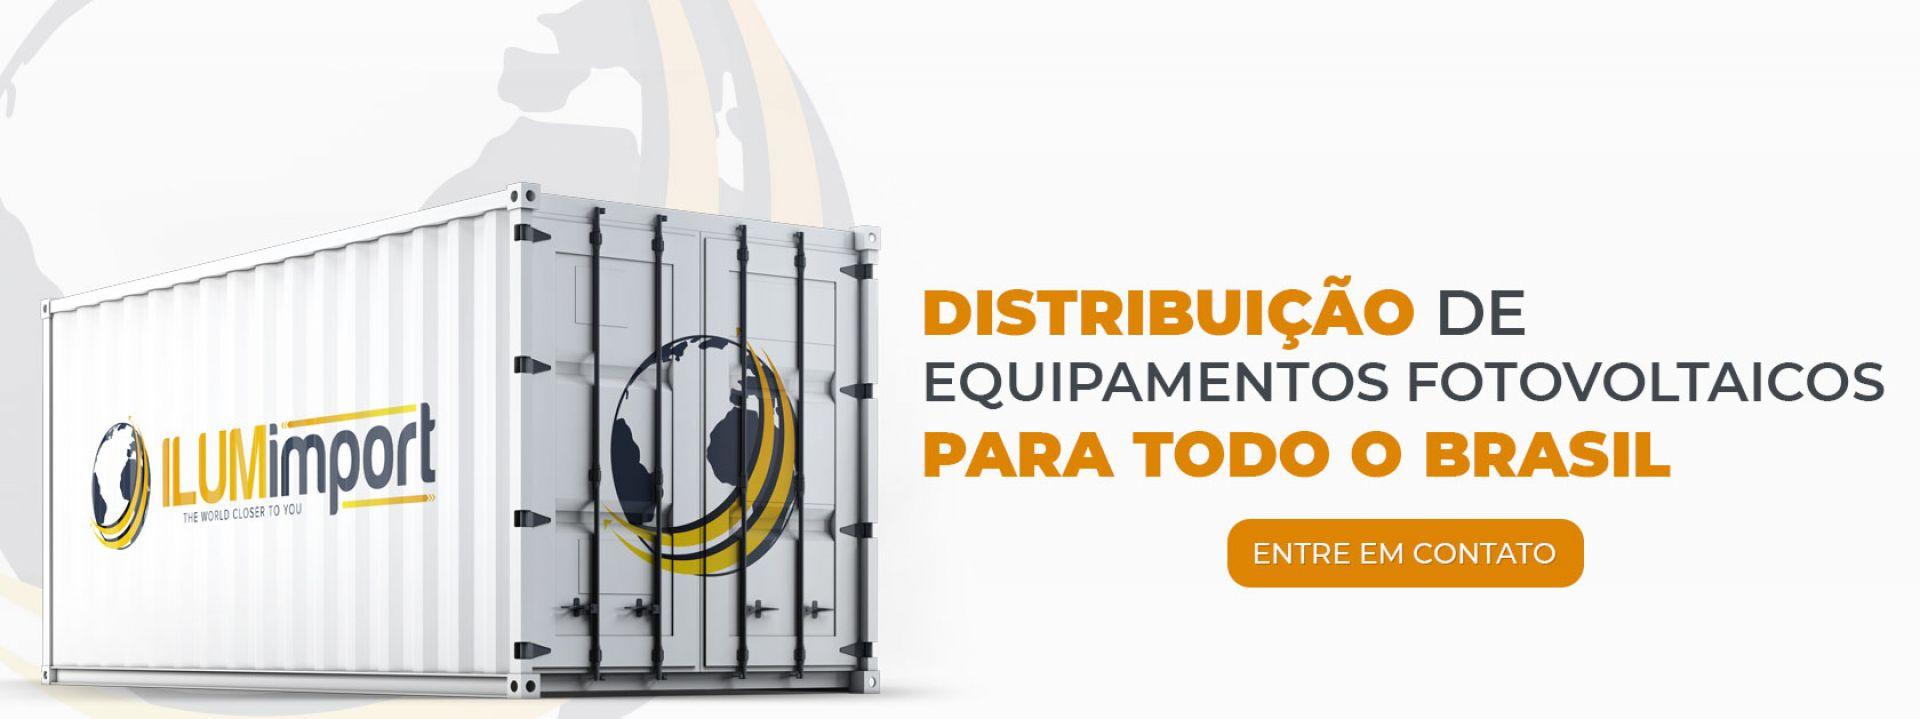 Distribuição de equipamentos fotovoltaicos